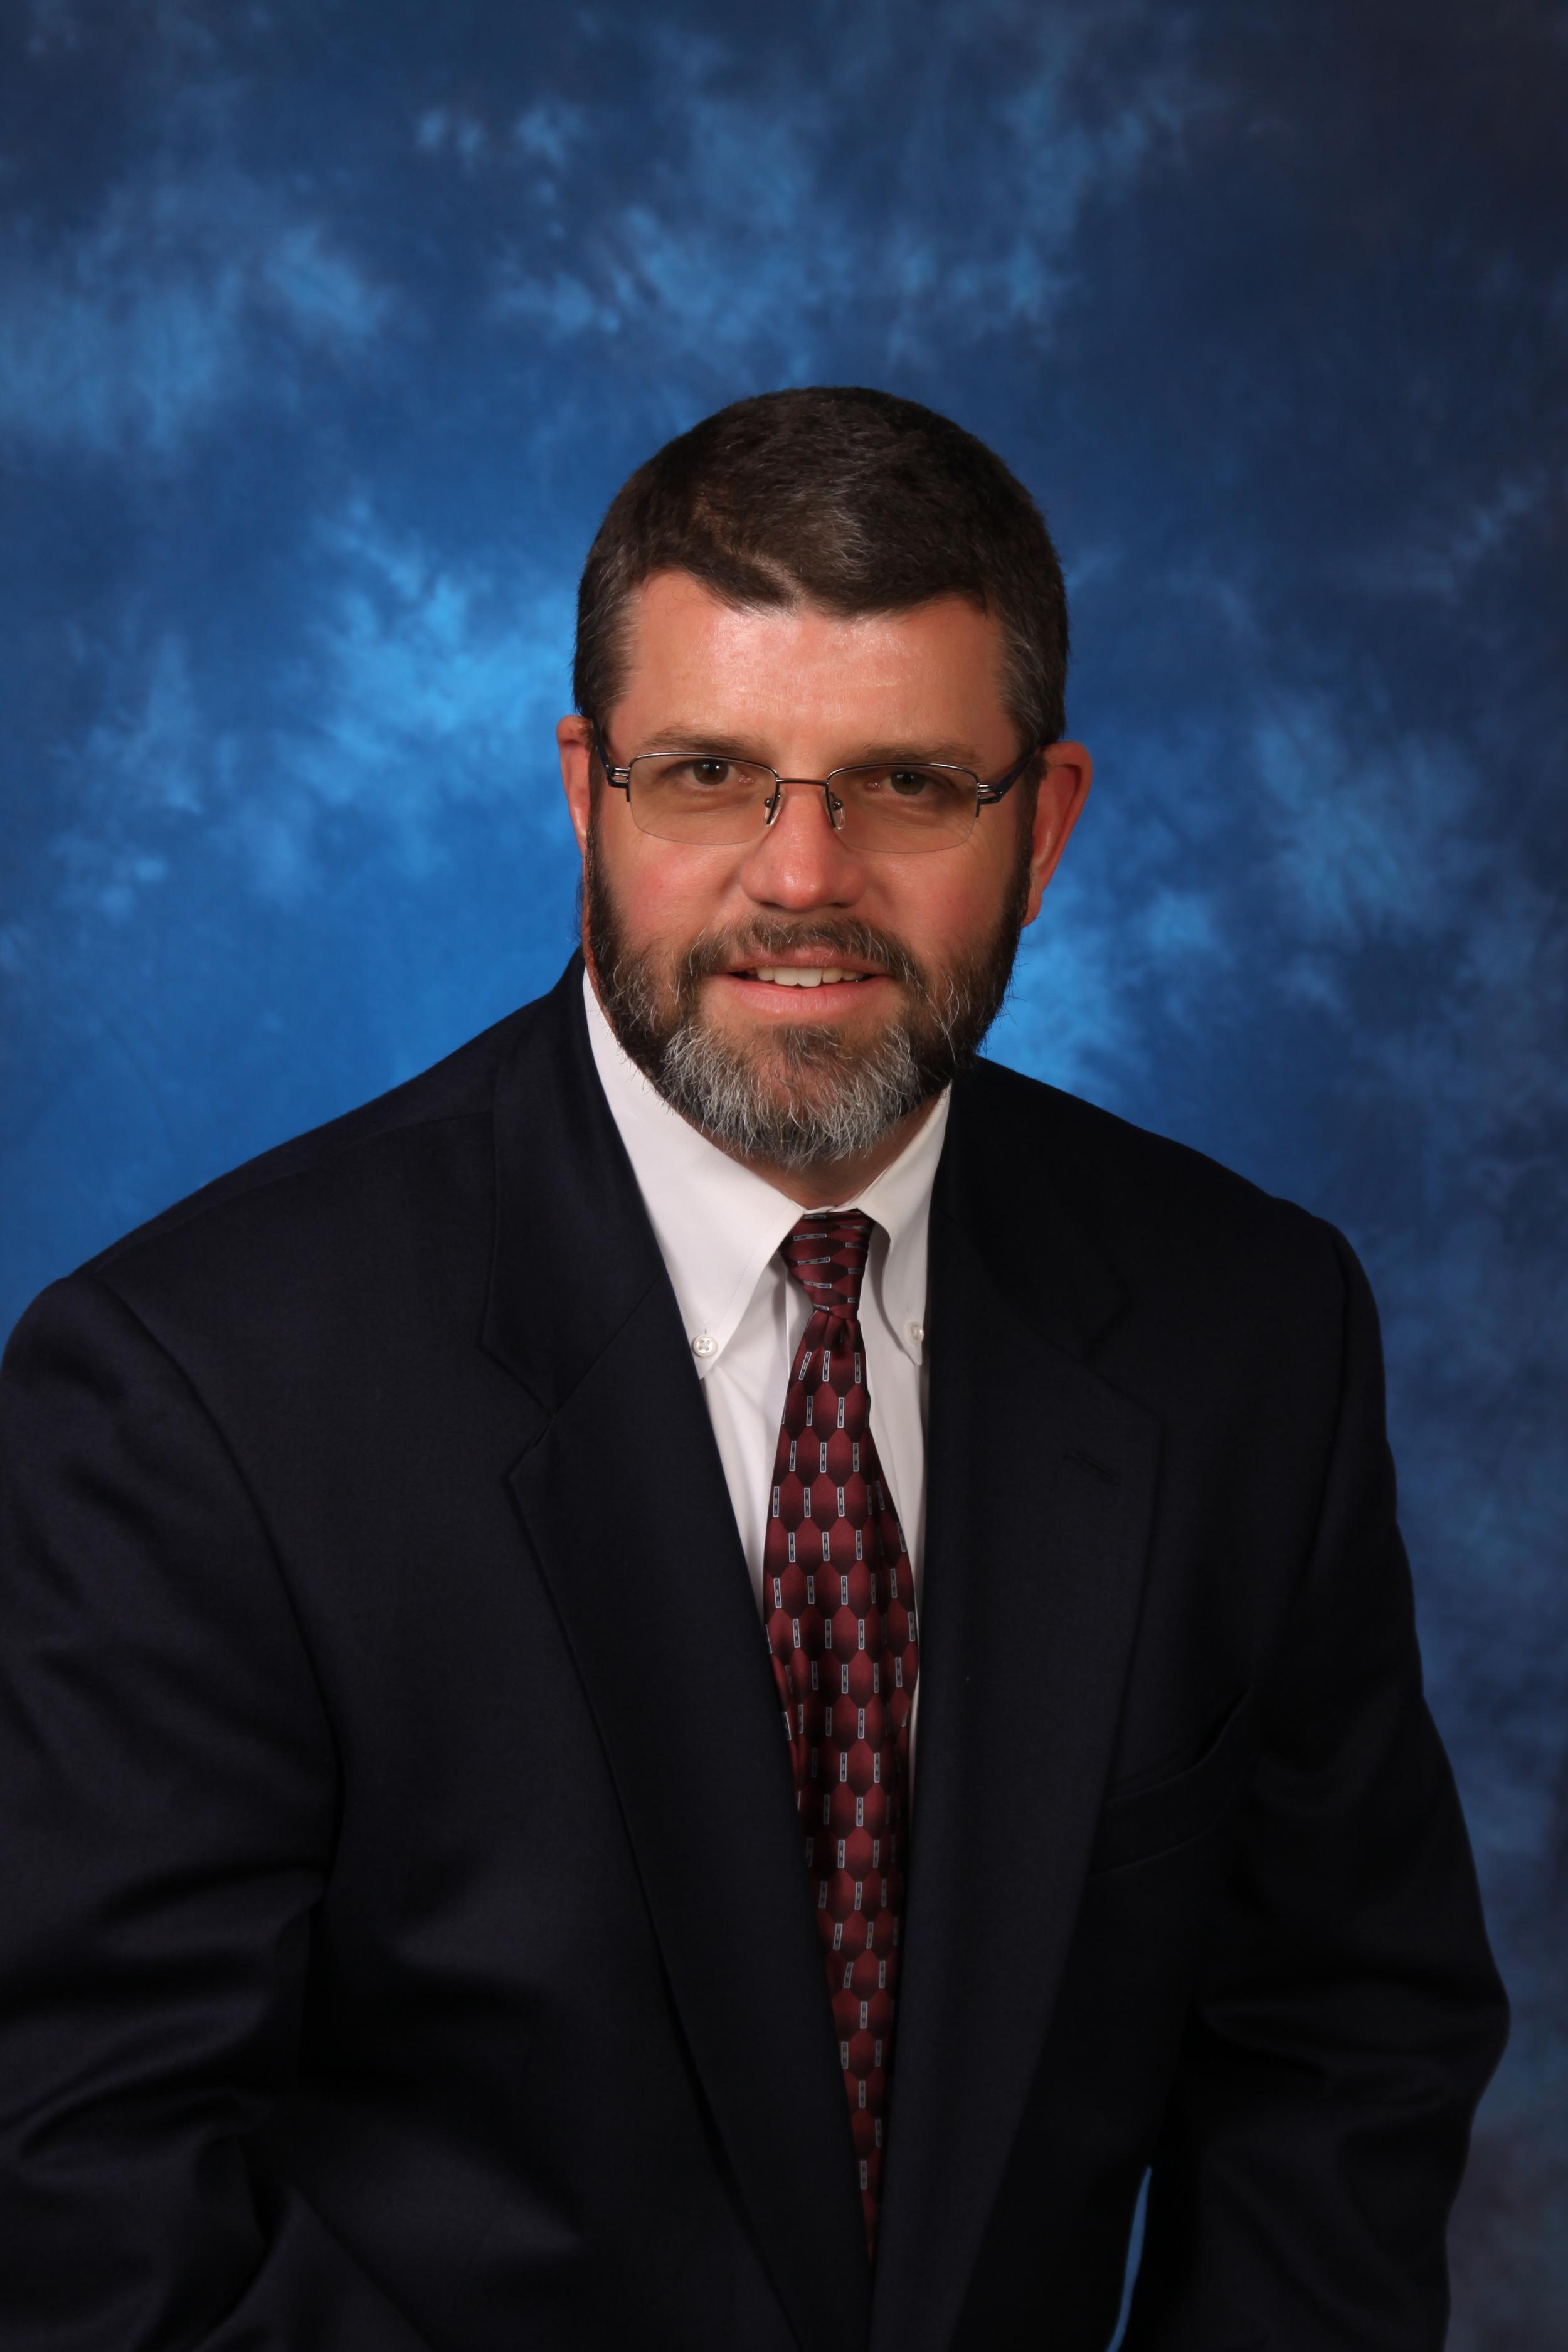 Eric L. Clements M.S., LPC, LMFT